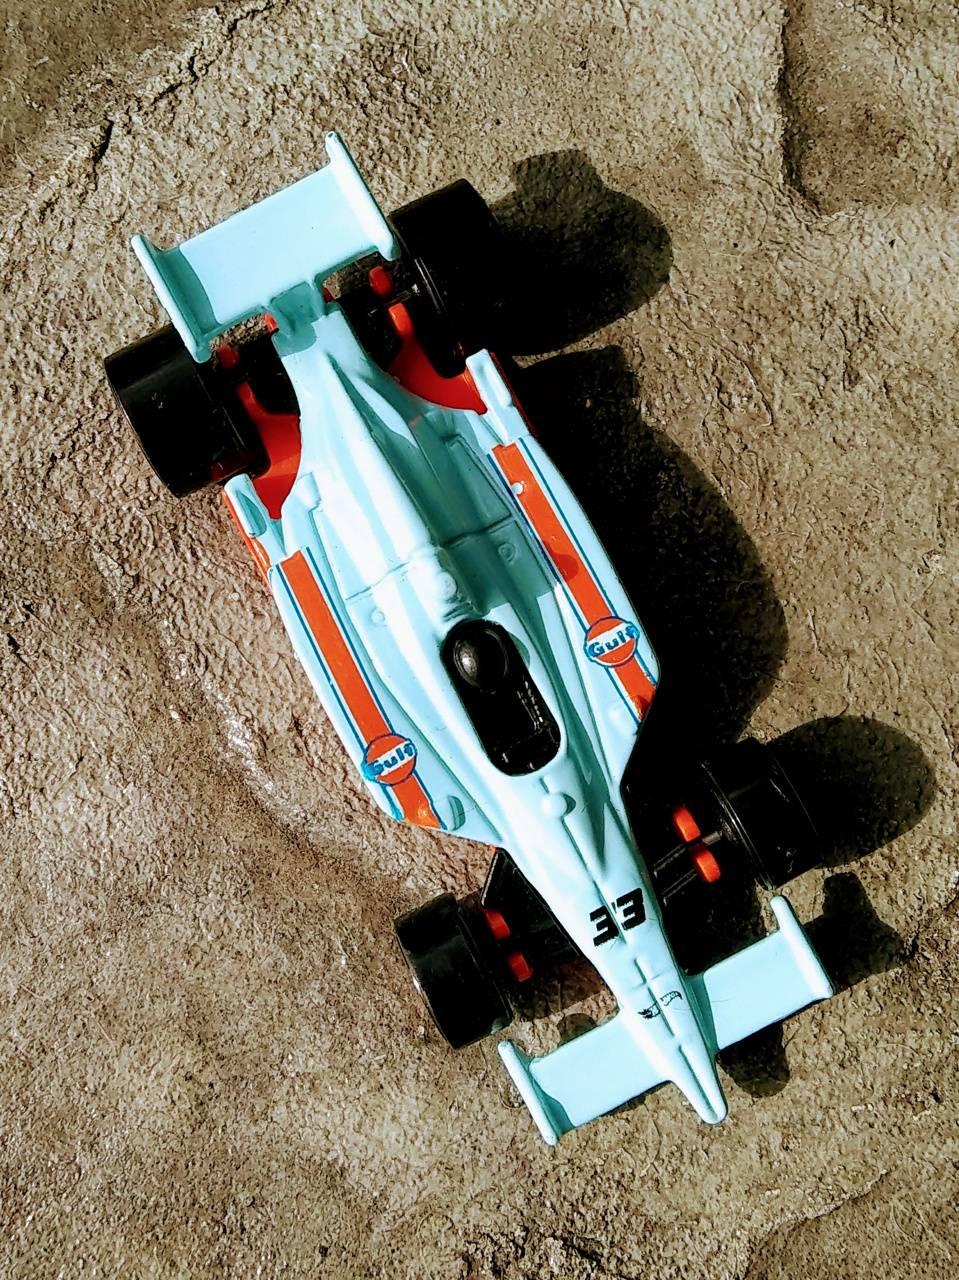 F1 car hotwheels